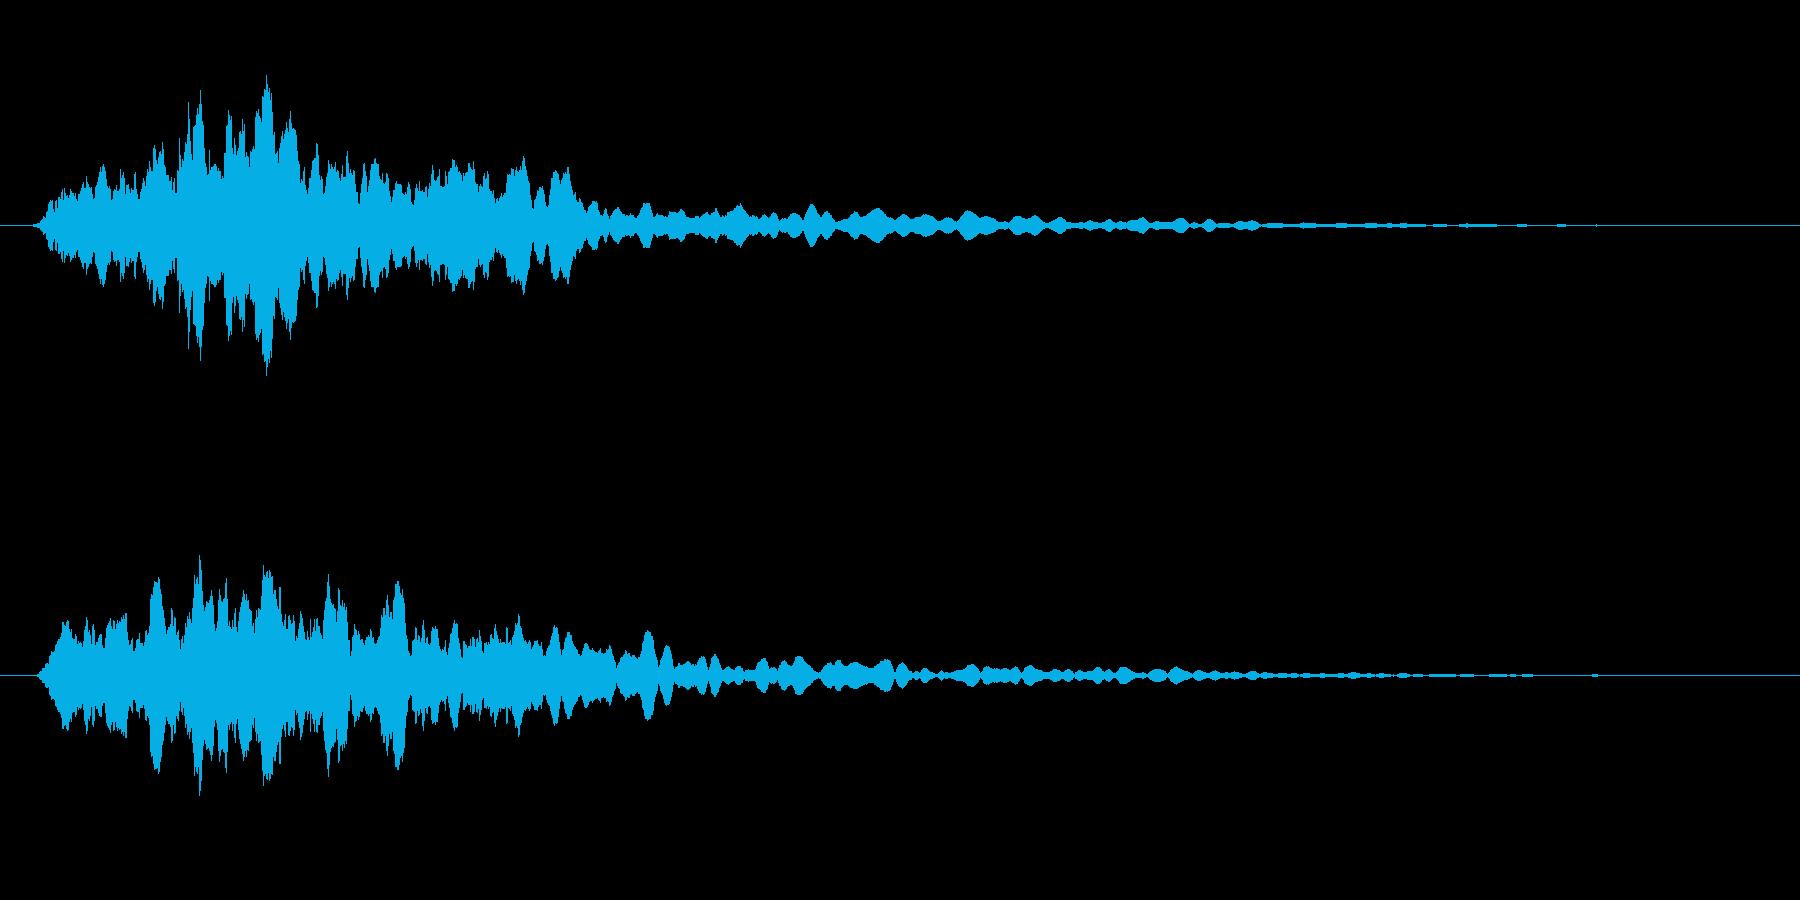 チリリリリンと同時に小さい物音がなる音の再生済みの波形